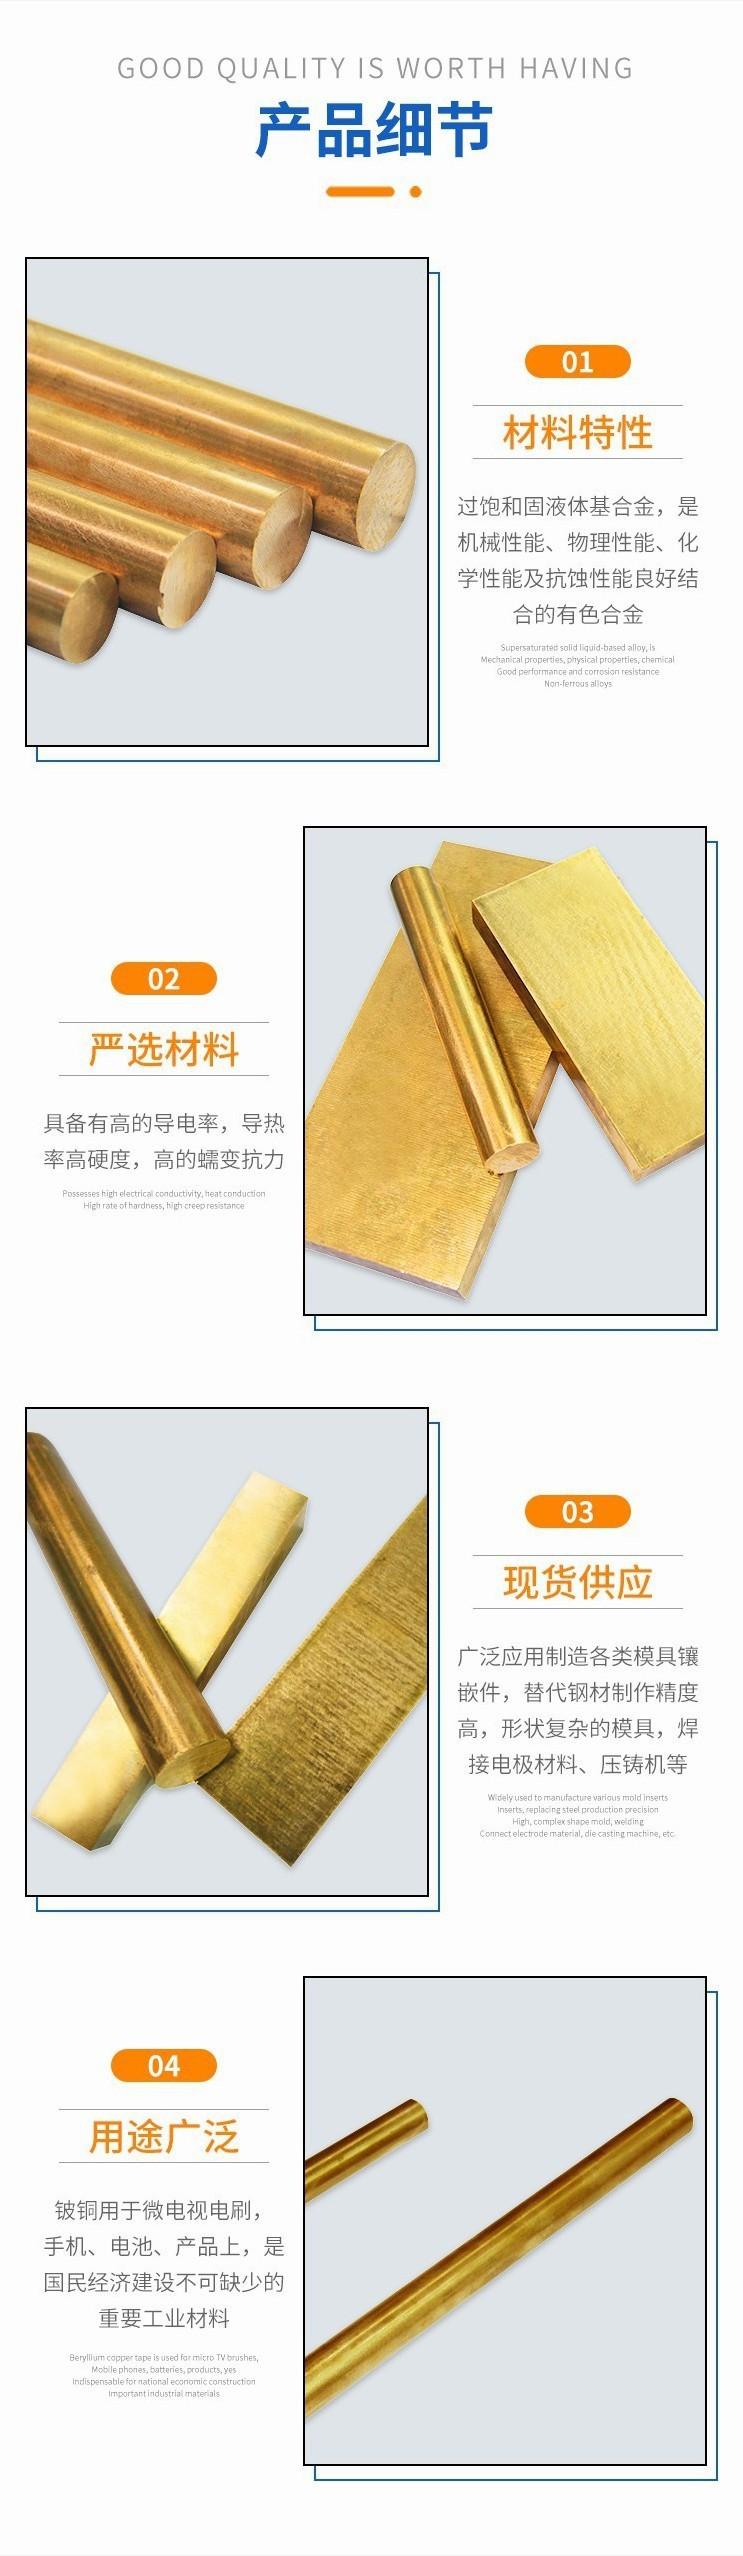 散热快铍青铜棒PS20 进口PS20铍铜棒大棒 电子电器用PS20电极铍铜棒示例图2